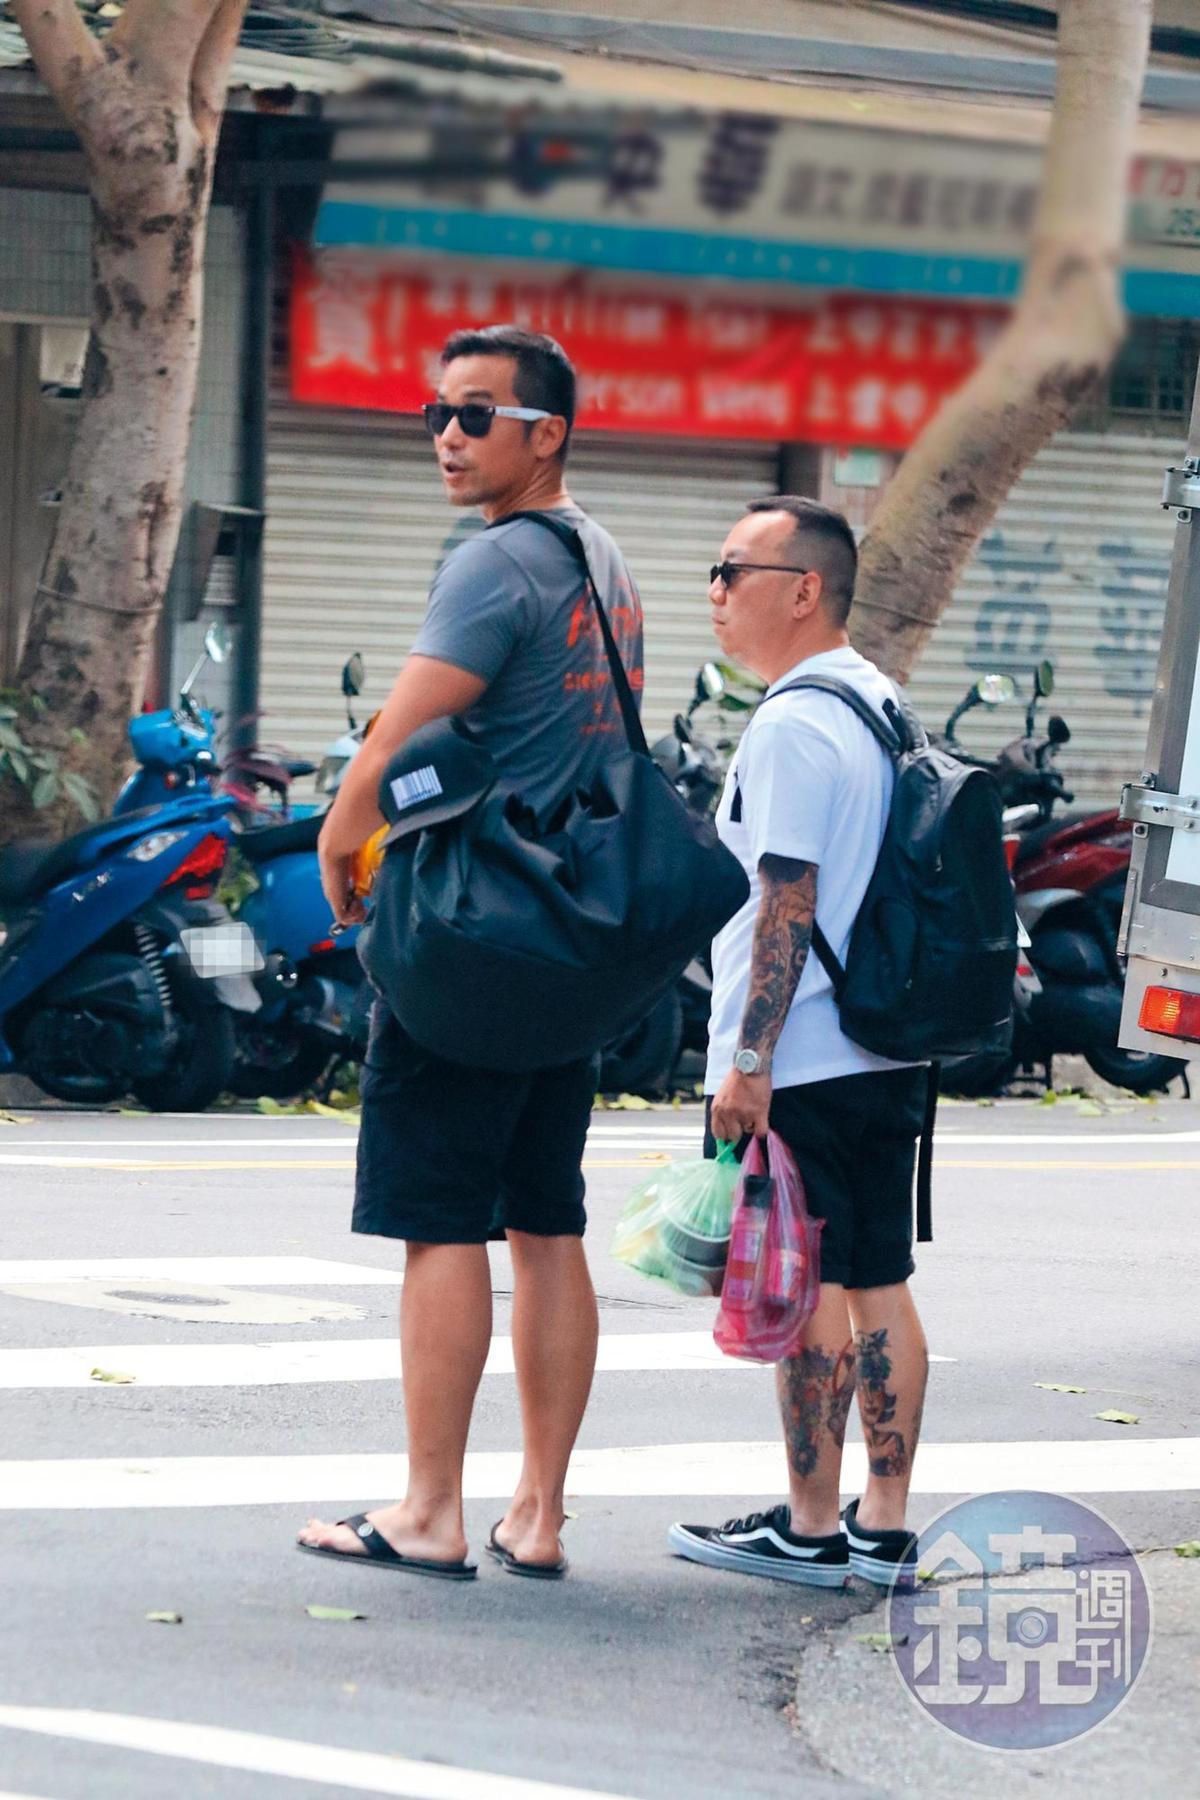 2017年,本刊曾拍到張孝全(左)在住家附近出沒,但身邊跟的是男性友人。